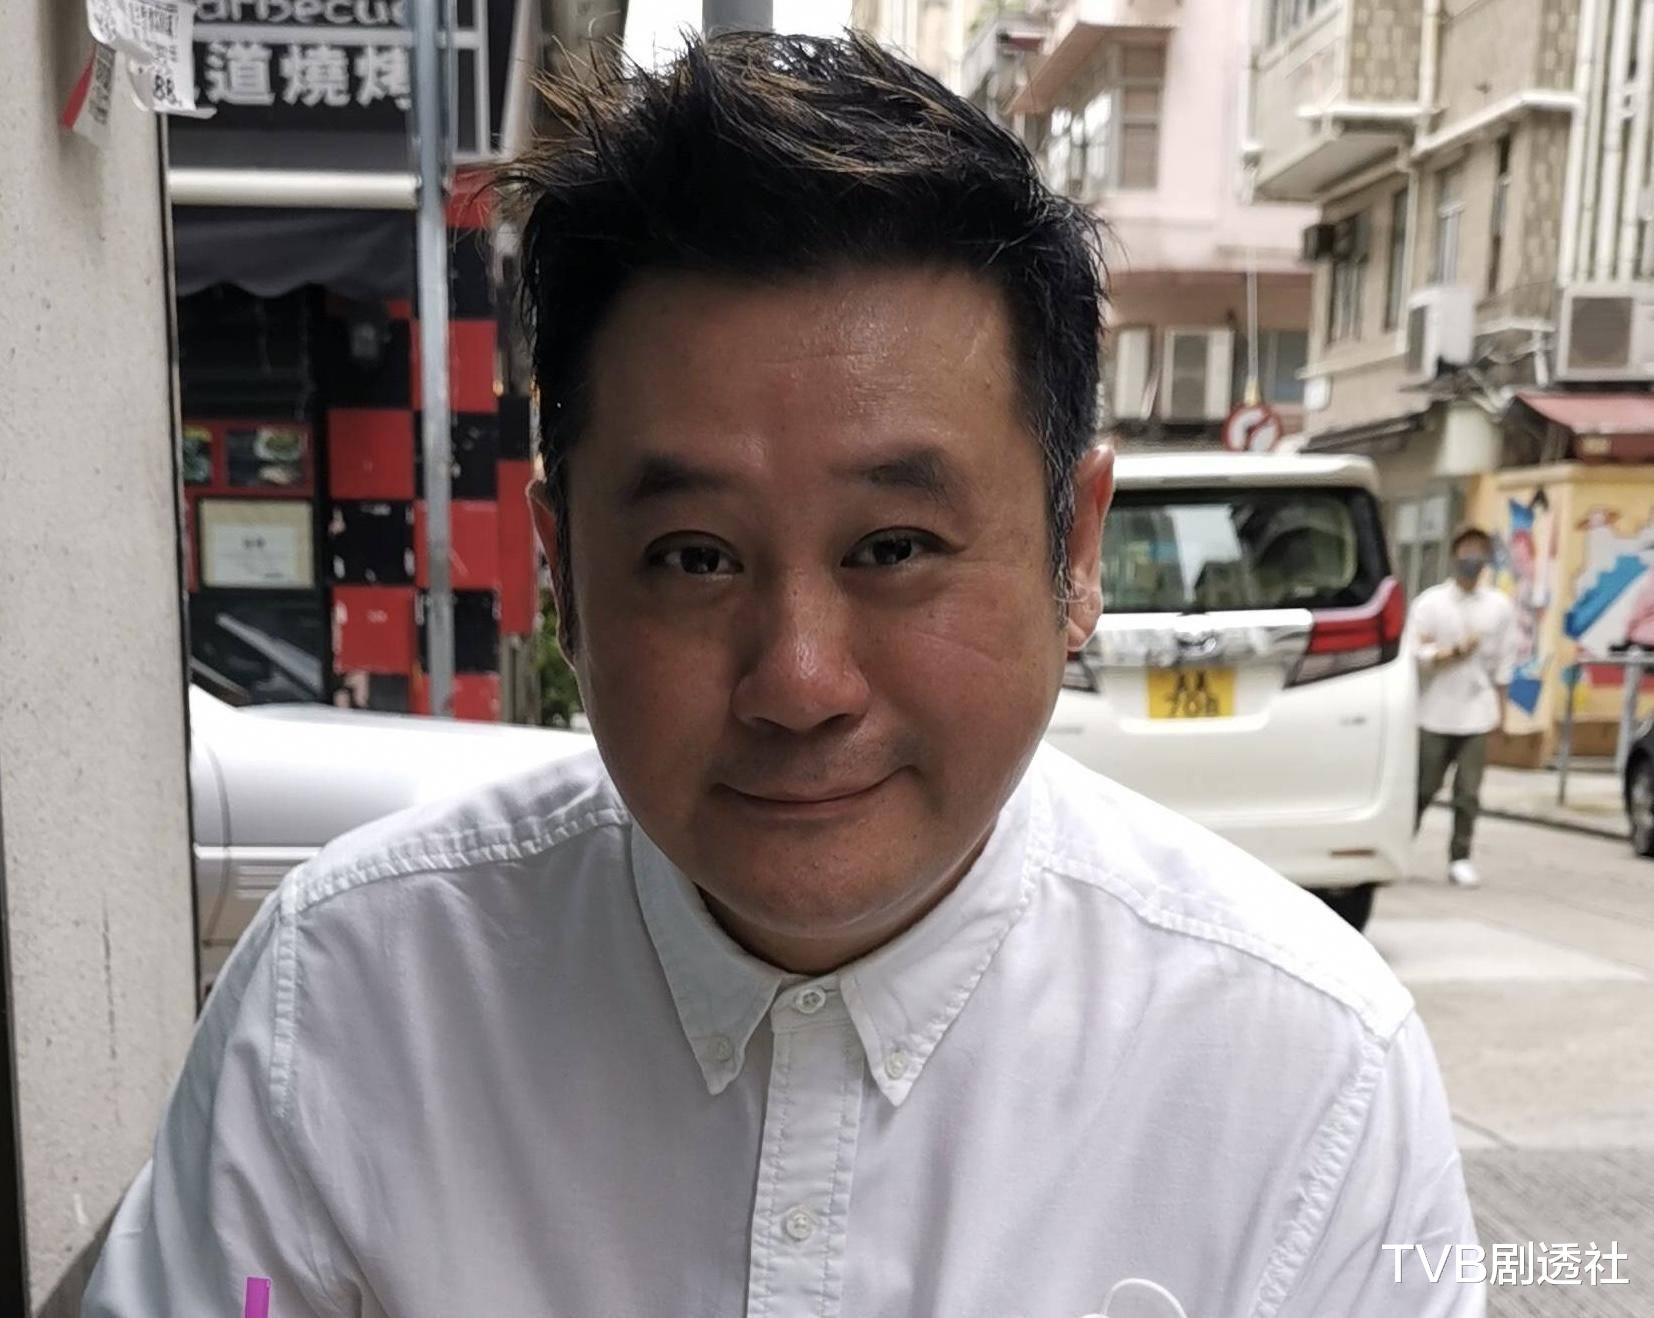 好慘! TVB男星餐廳被人潑紅油, 開業才三個月疑與人結怨-圖8